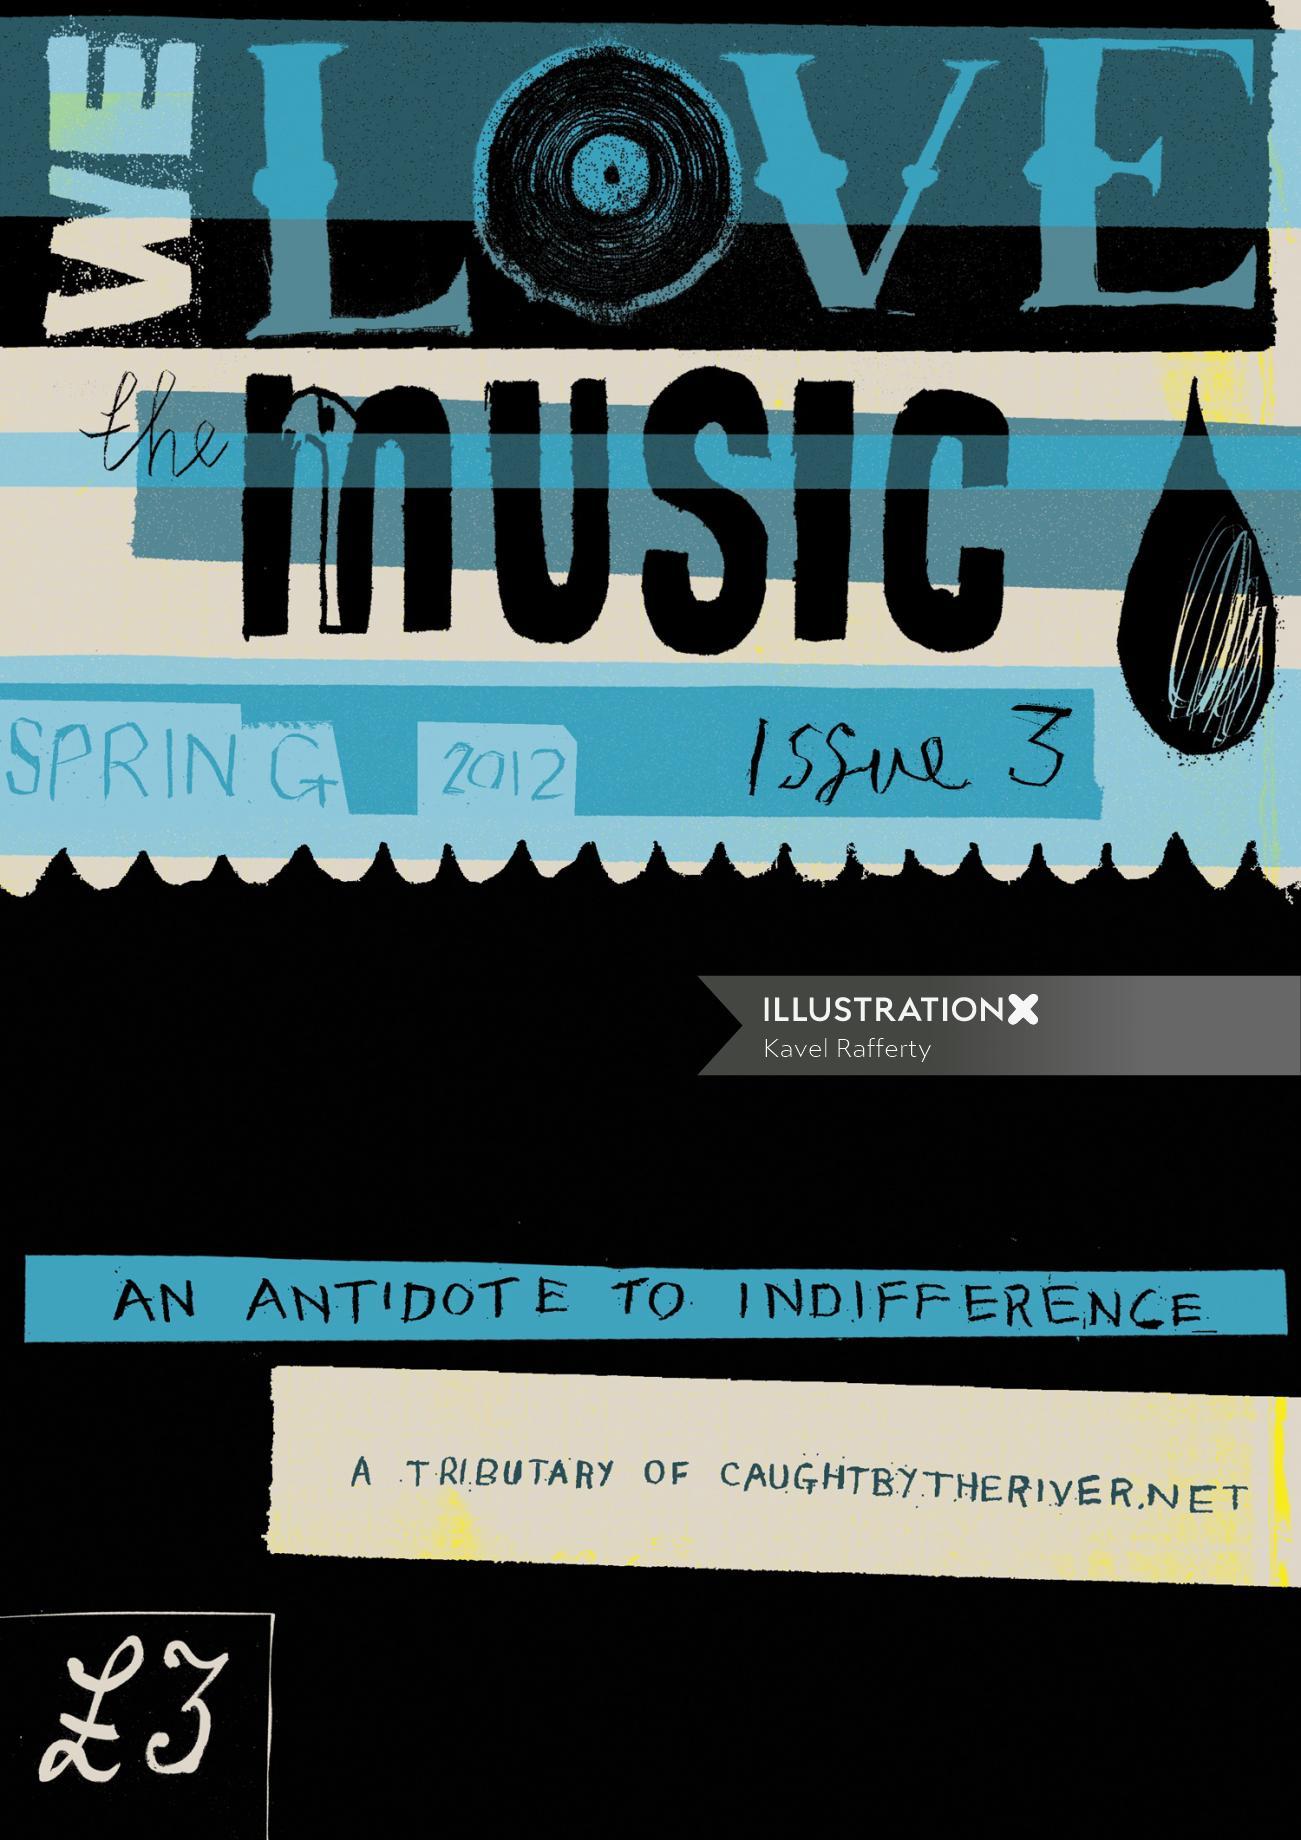 We Love The Music Typographic Art